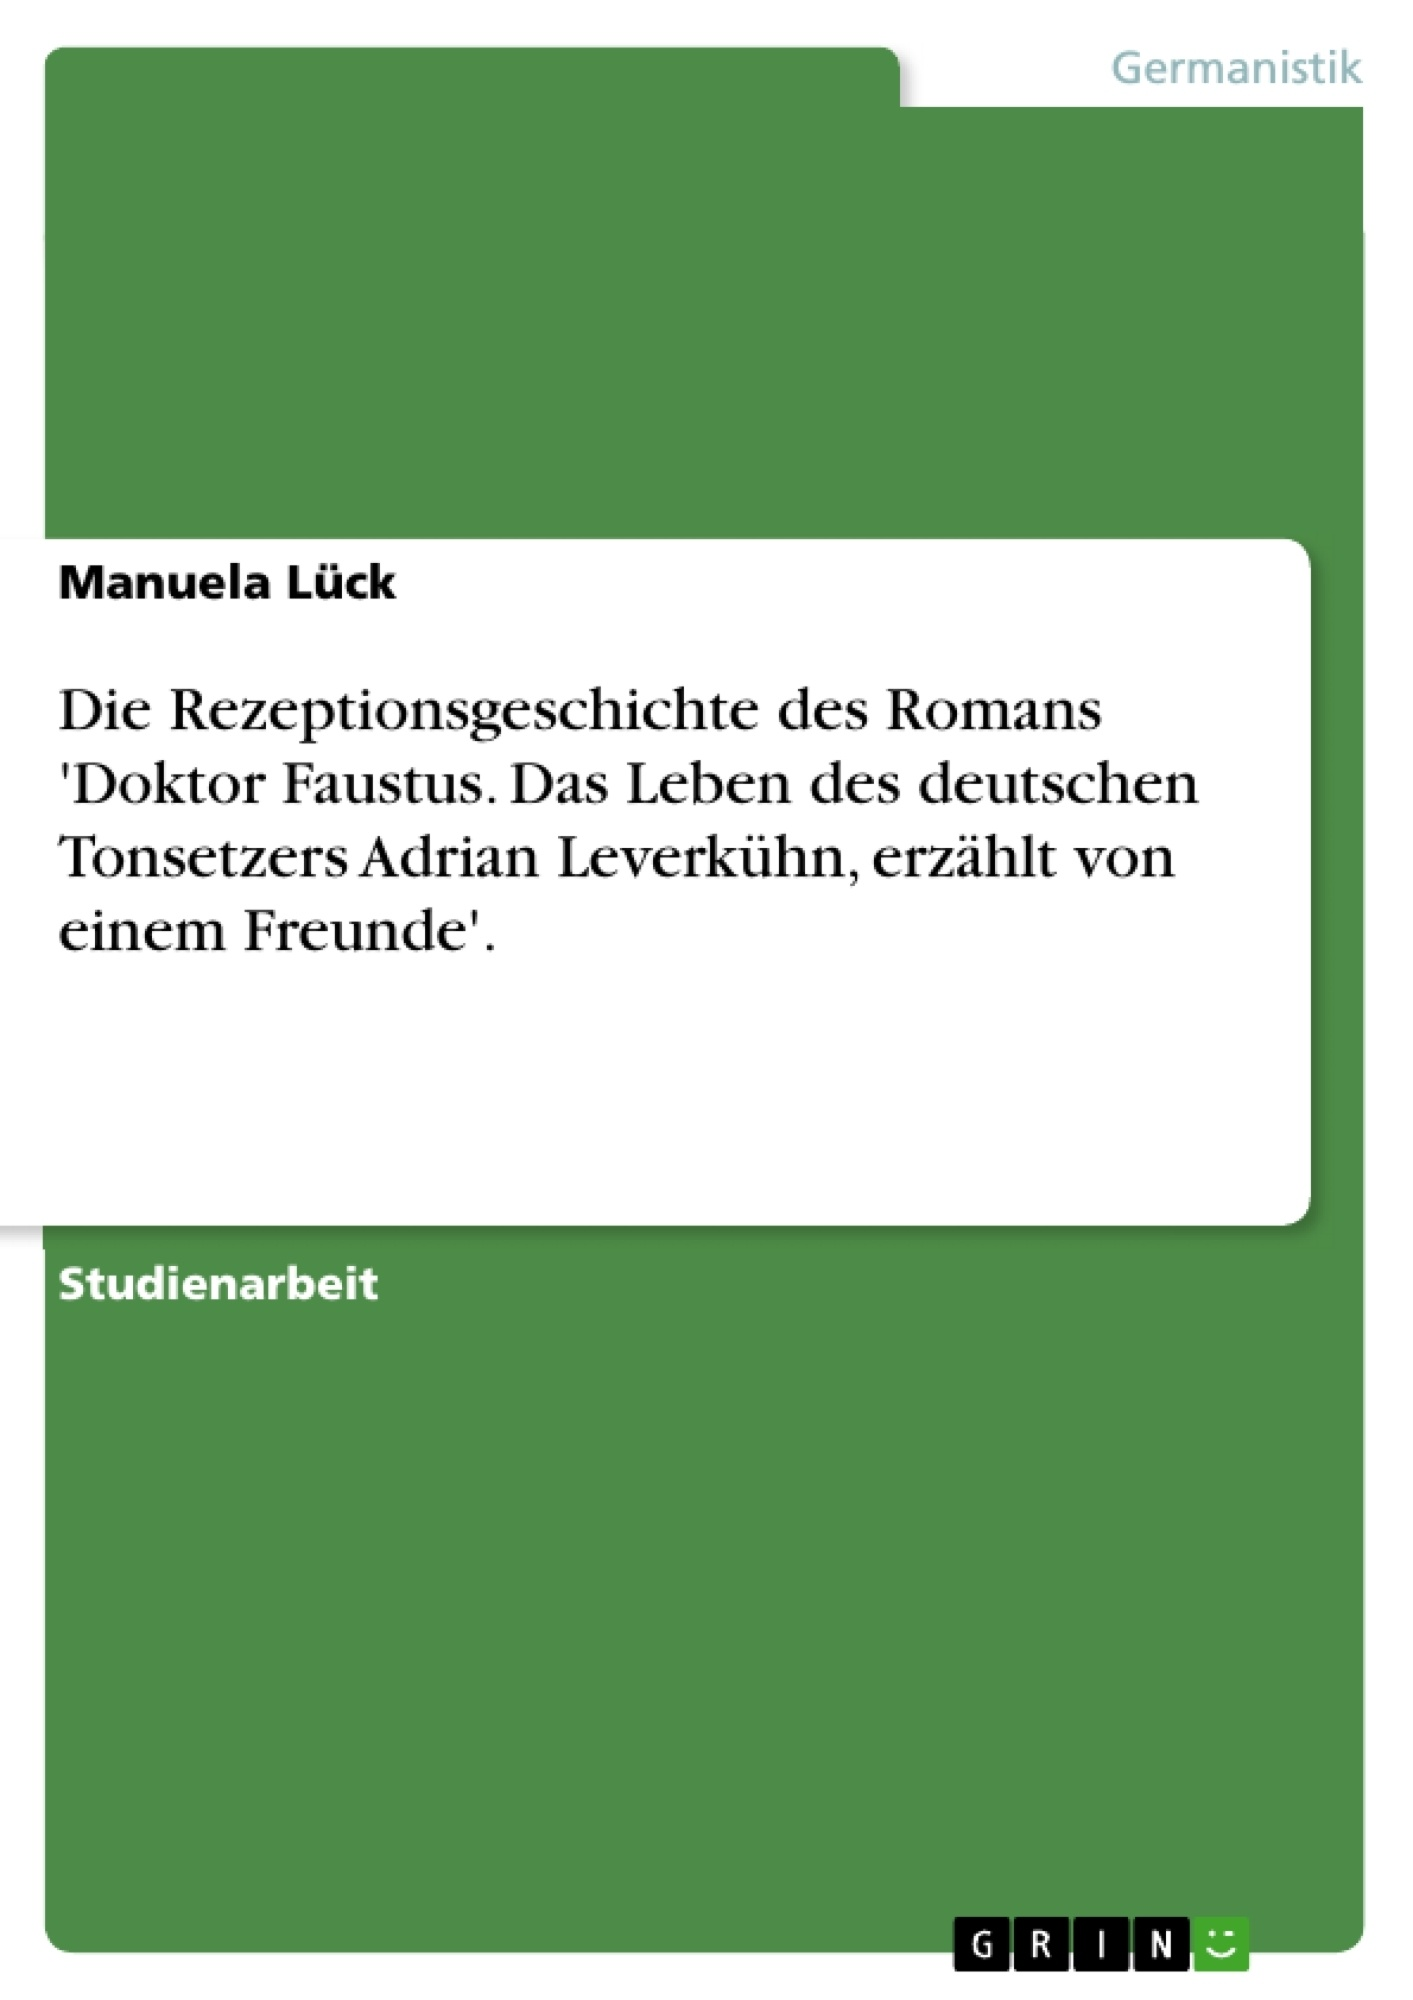 Titel: Die Rezeptionsgeschichte des Romans 'Doktor Faustus. Das Leben des deutschen Tonsetzers Adrian Leverkühn, erzählt von einem Freunde'.